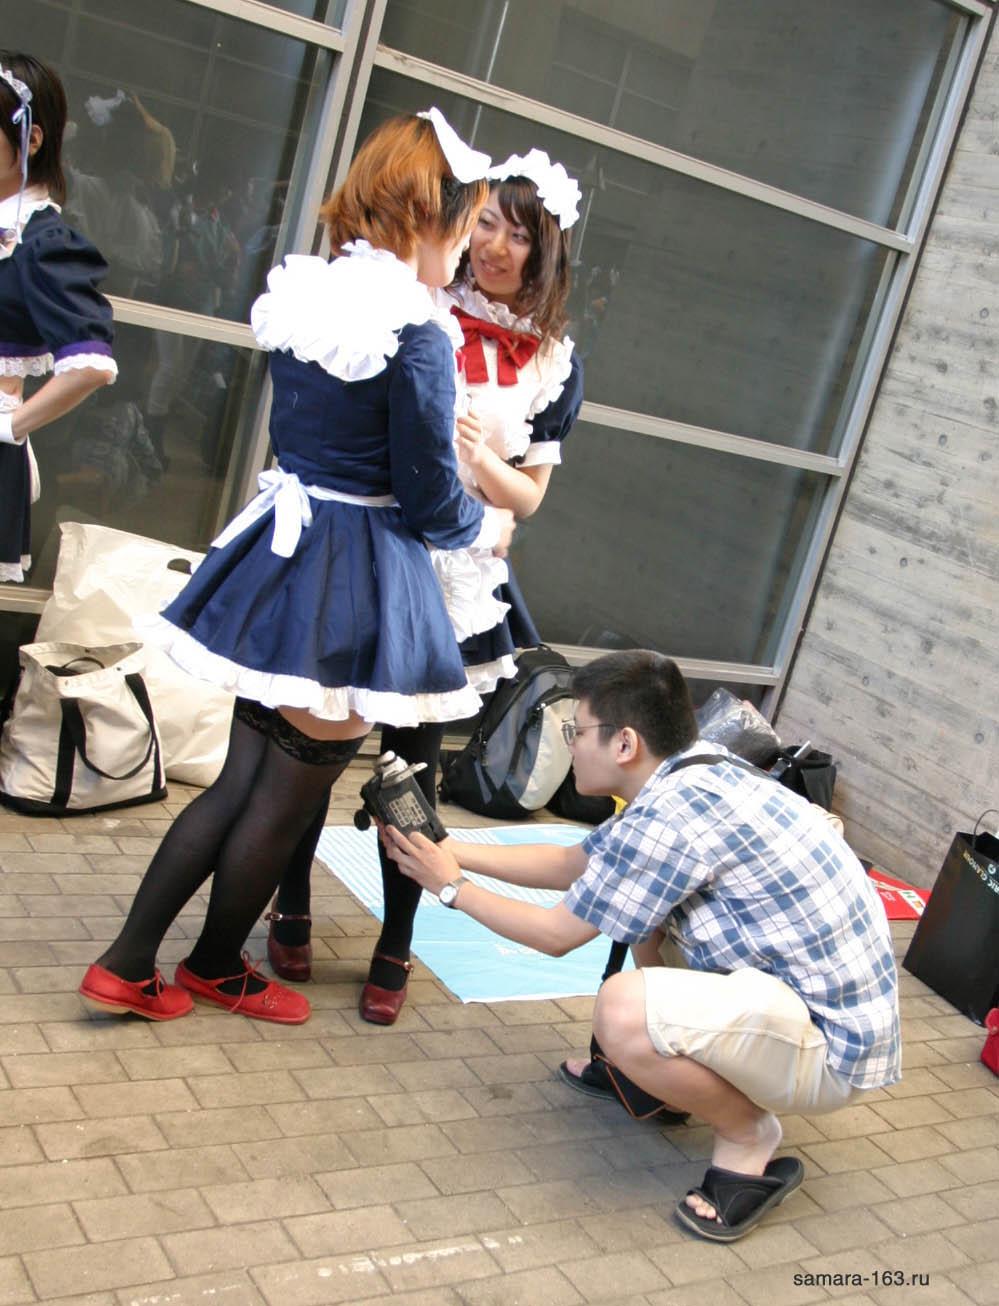 Фото подглядывания девушек 16 фотография